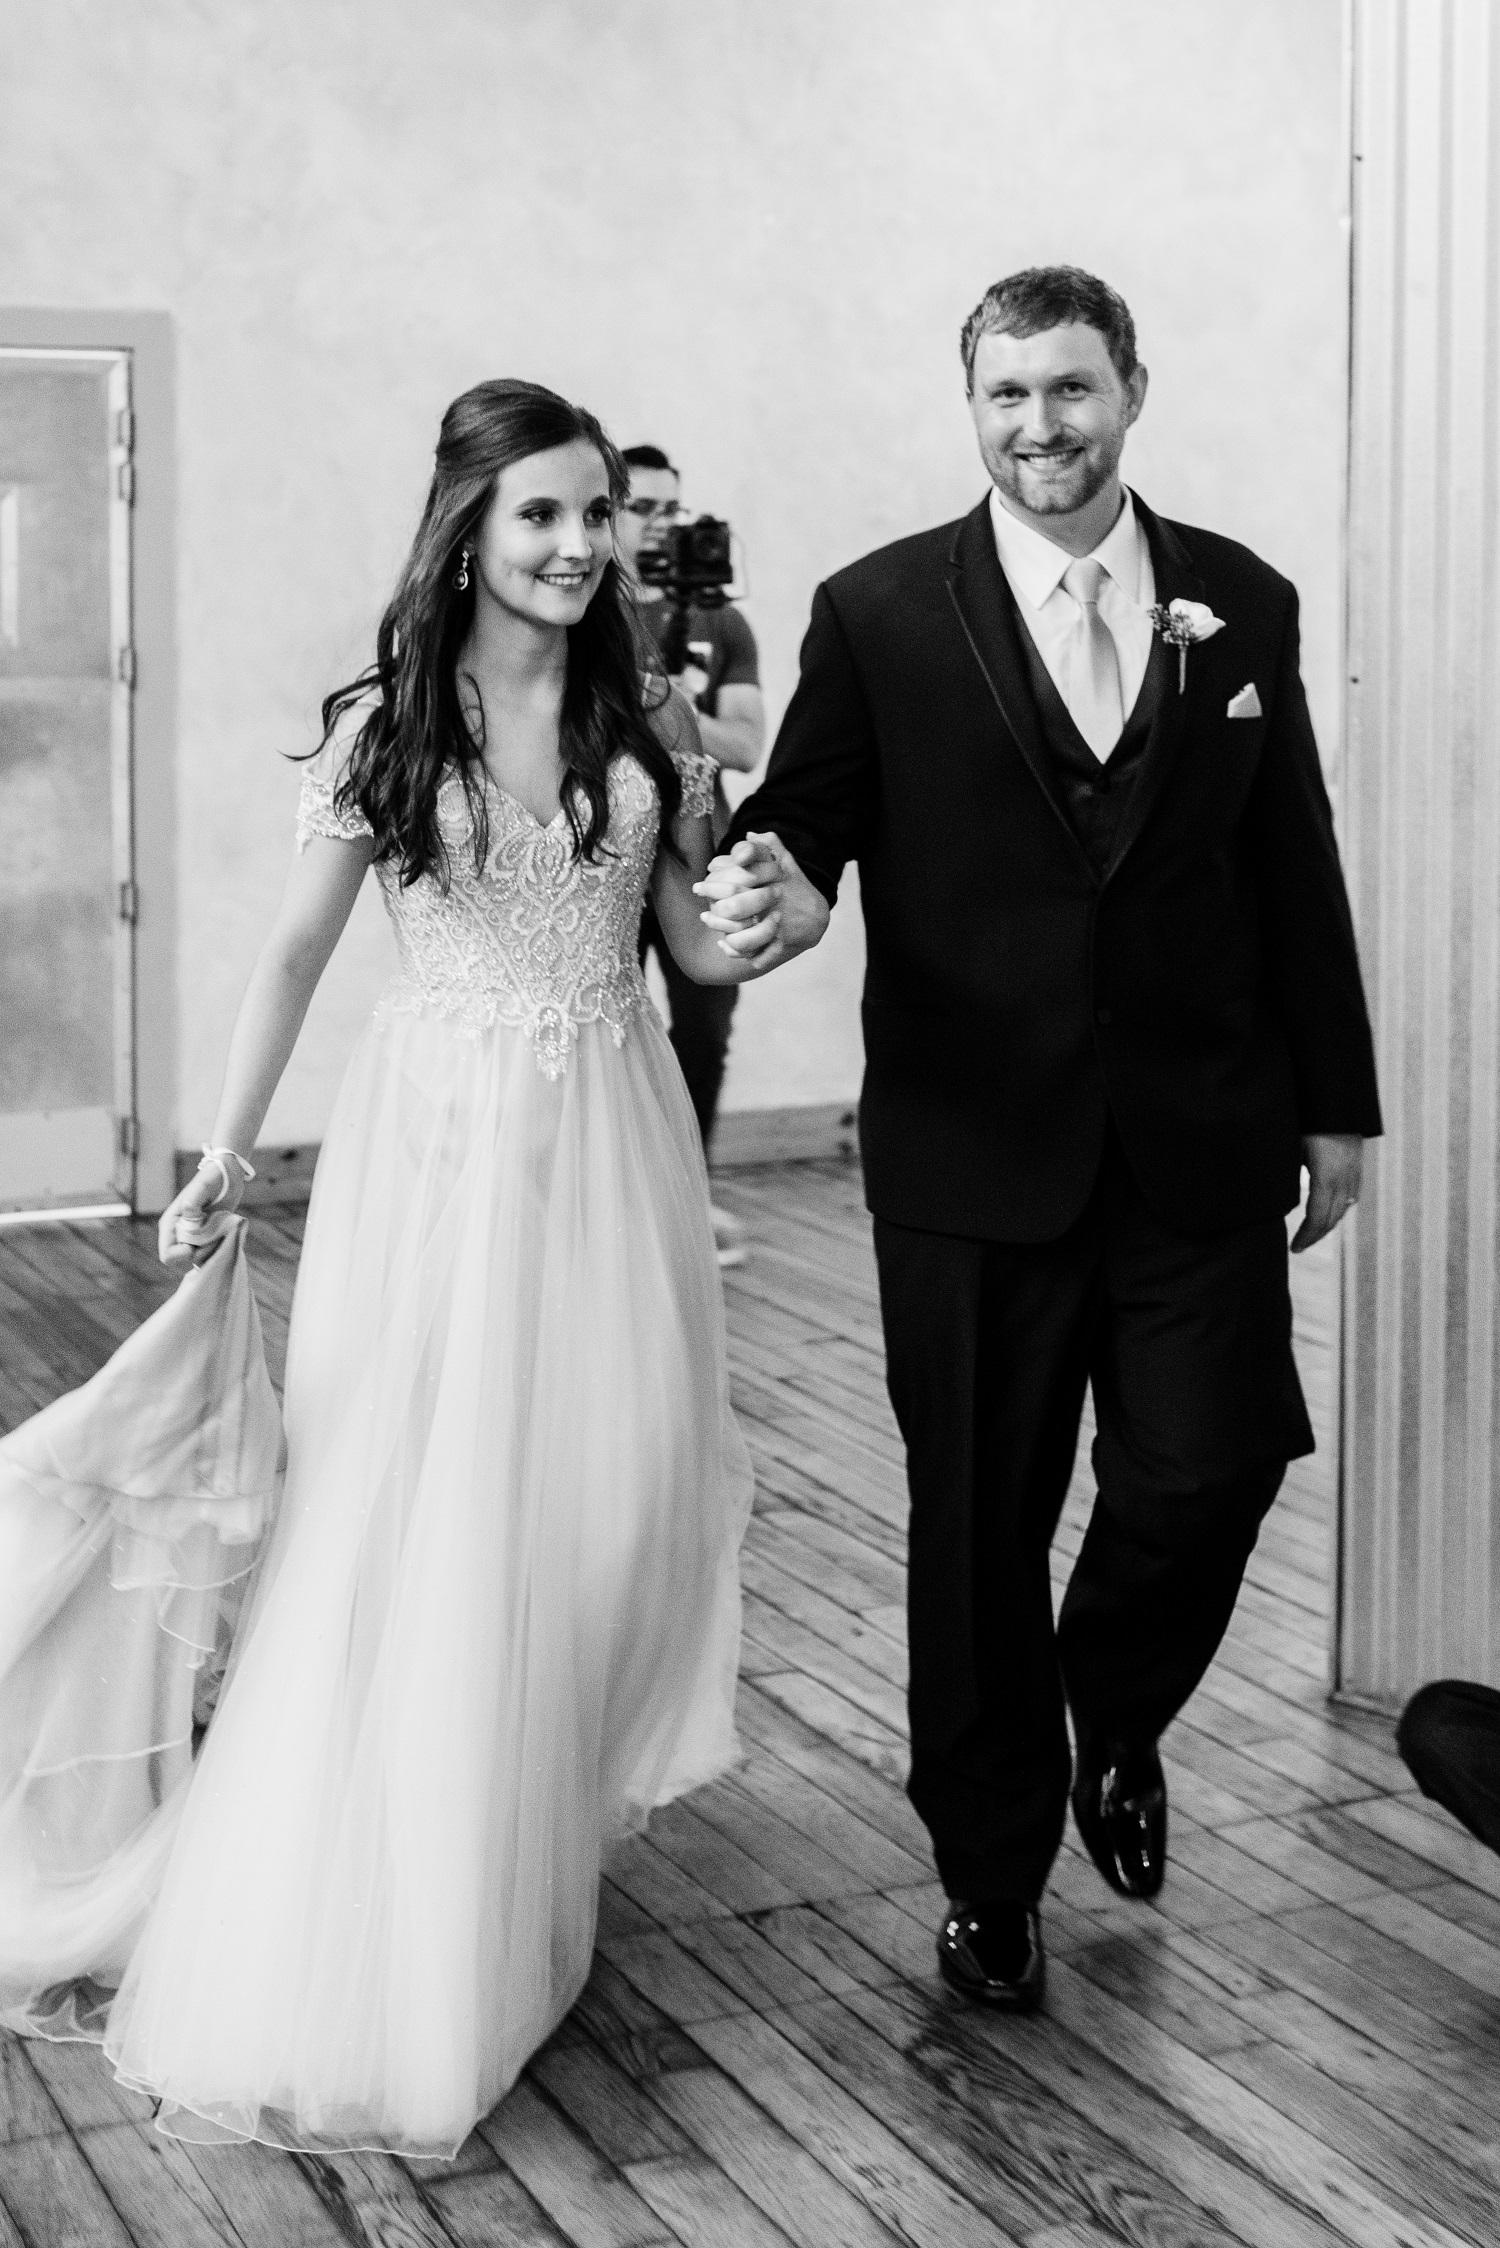 Stewart Wedding 3-14.jpg